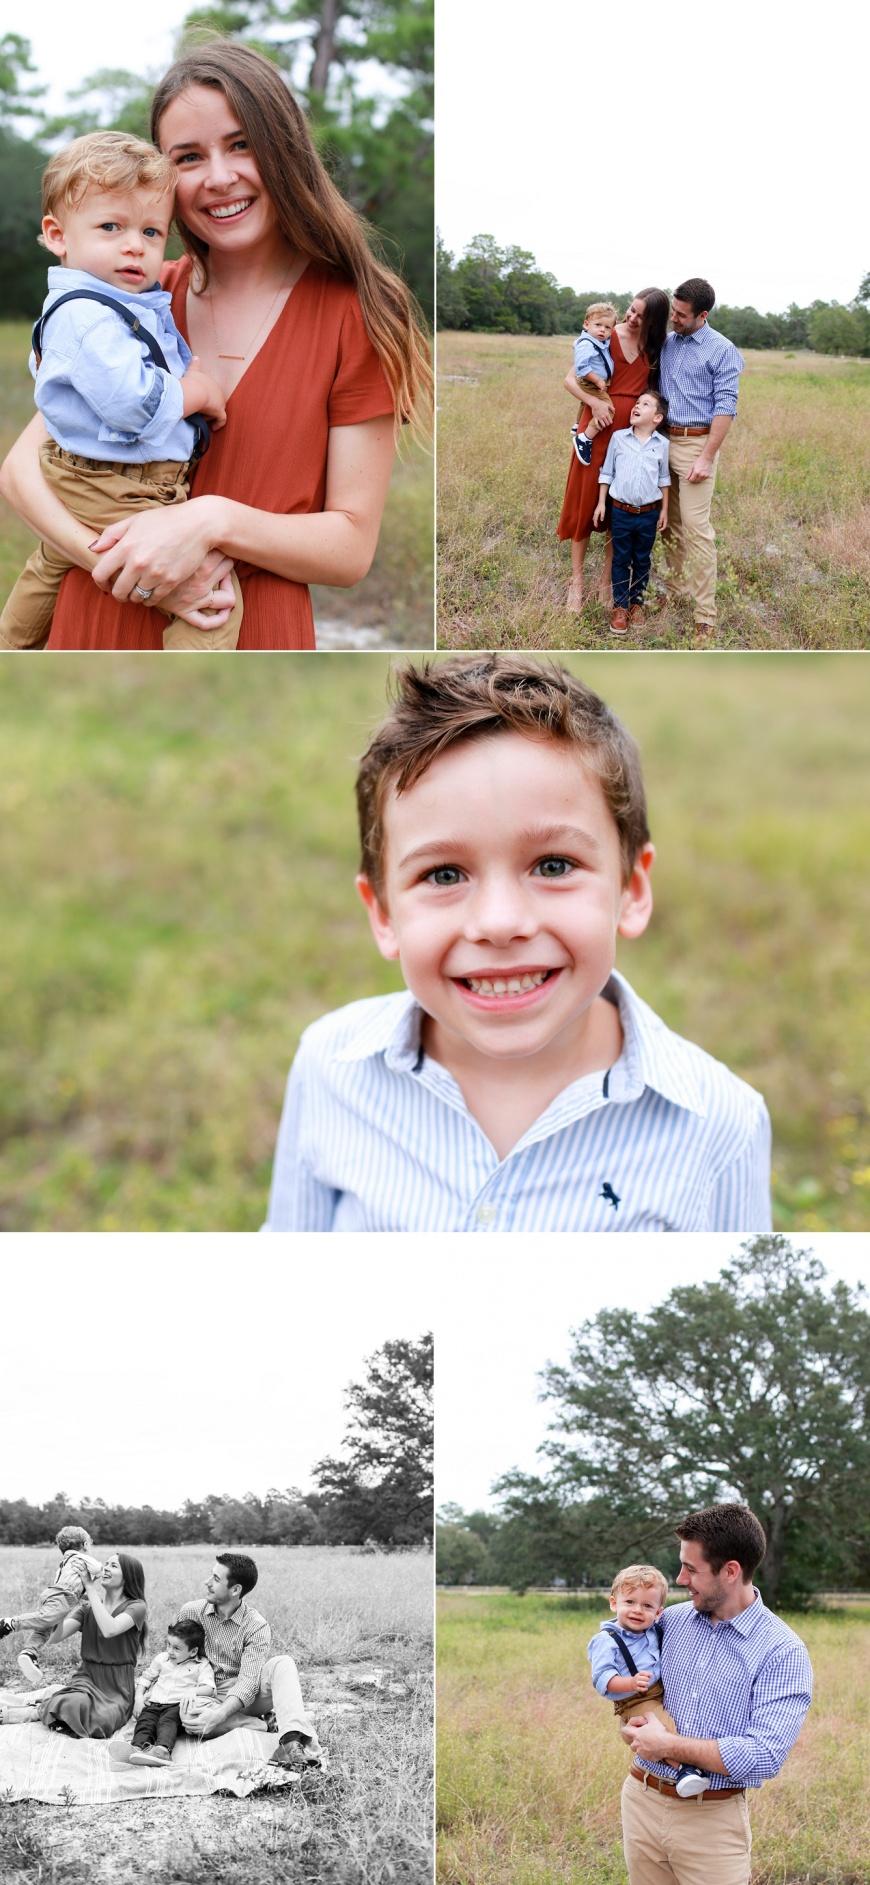 White-Point-Park-Niceville-Florida-Family-Photographer_1003.jpg